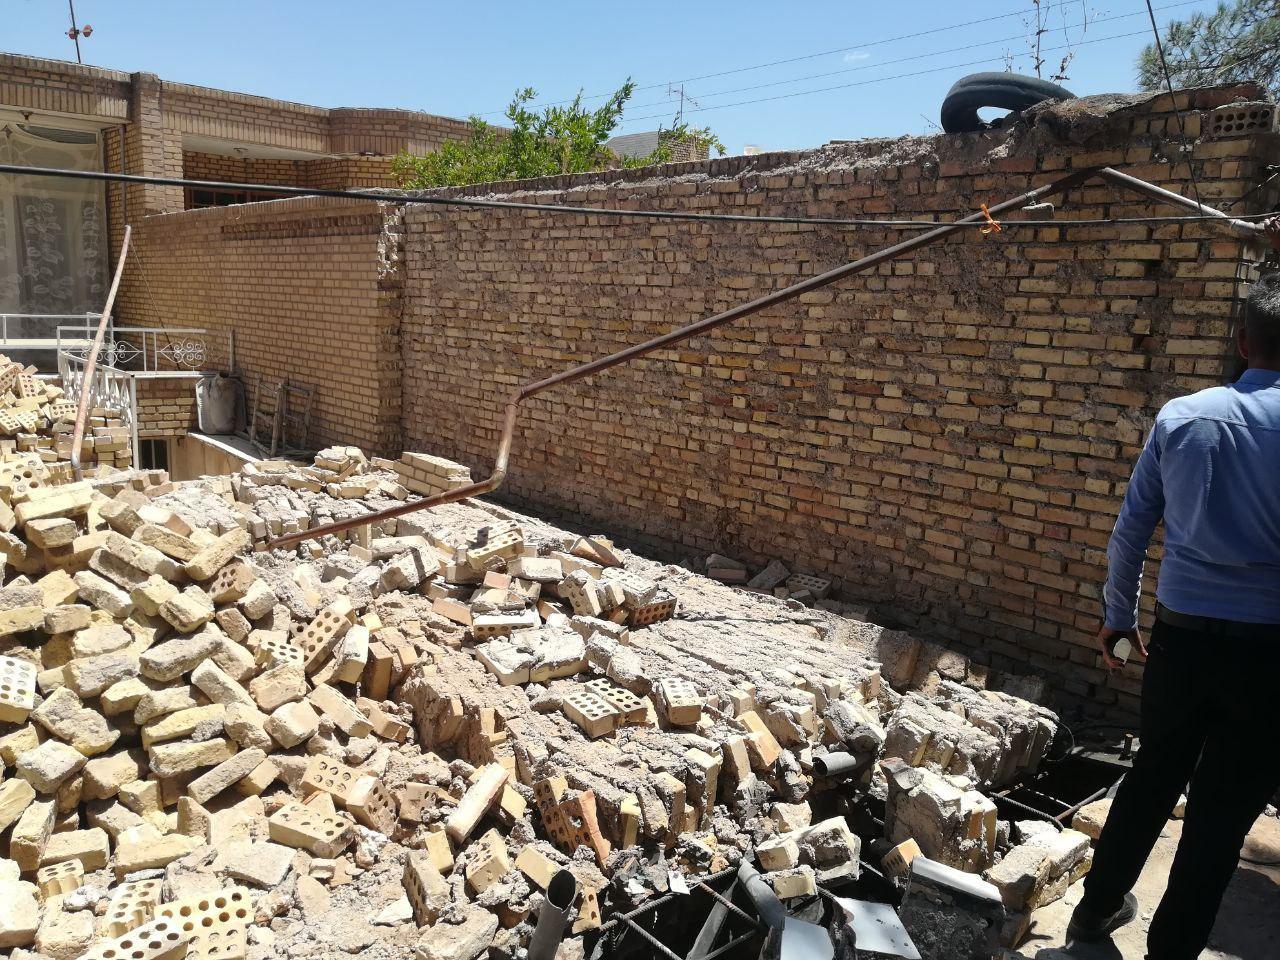 ریزش دیوار، مرگ کارگر را رقم زد